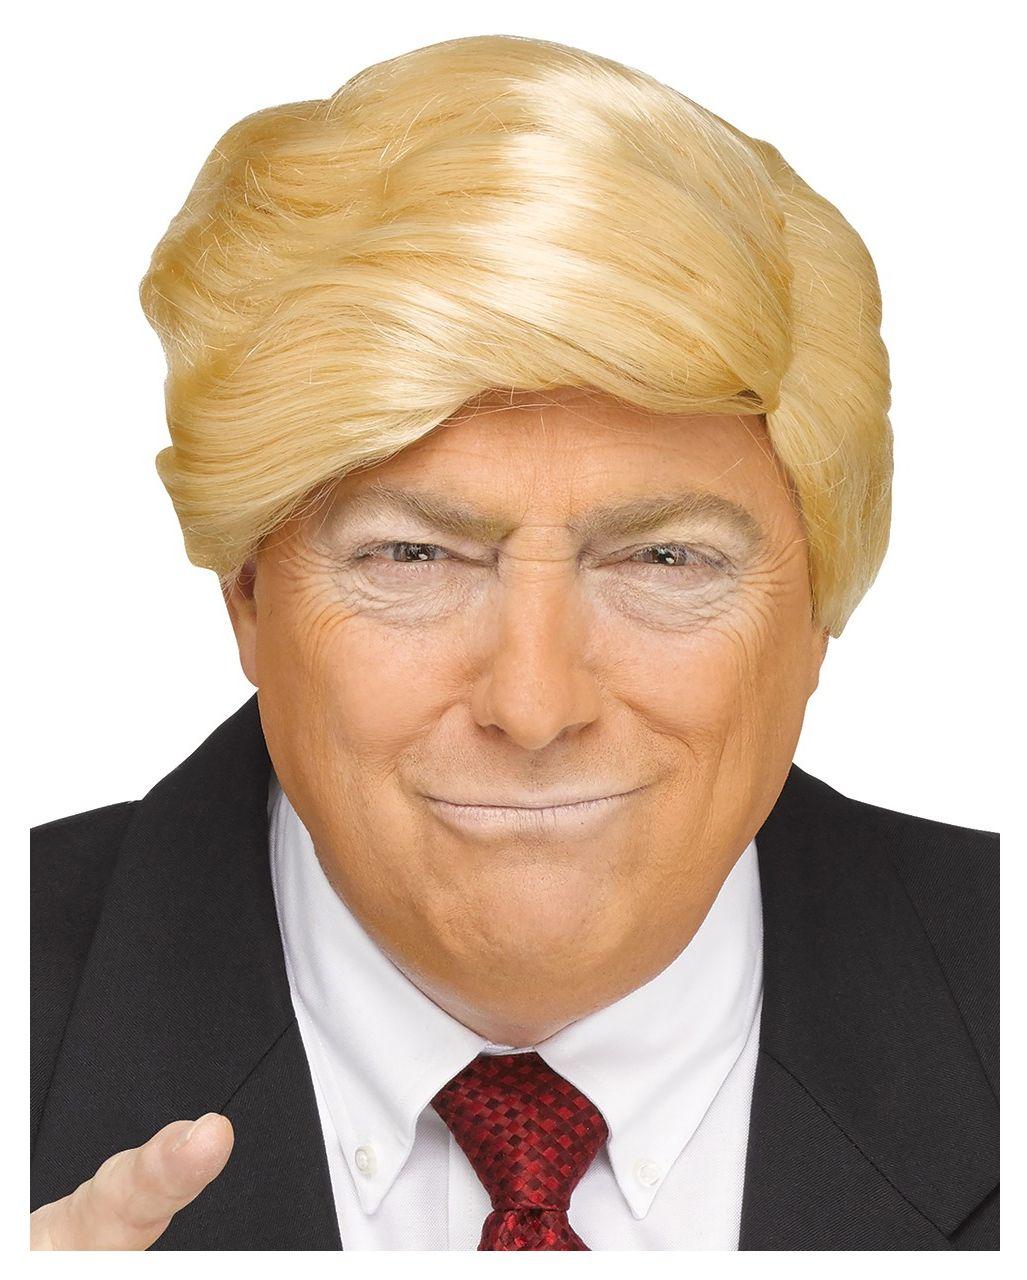 Trump Perucke Us Prasidentschafts Kandidaten Frisur Horror Shop Com Perucken Afro Look Manner Perucken